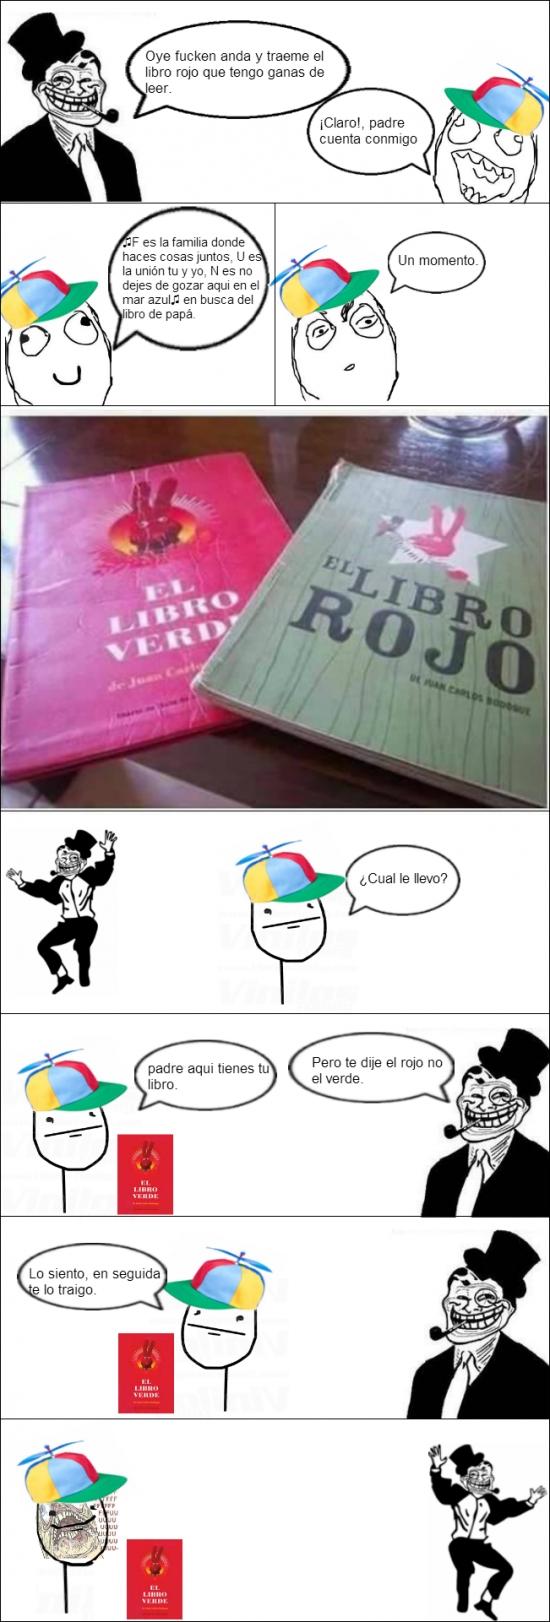 Trolldad - Cuando te piden que le traigas el libro rojo...